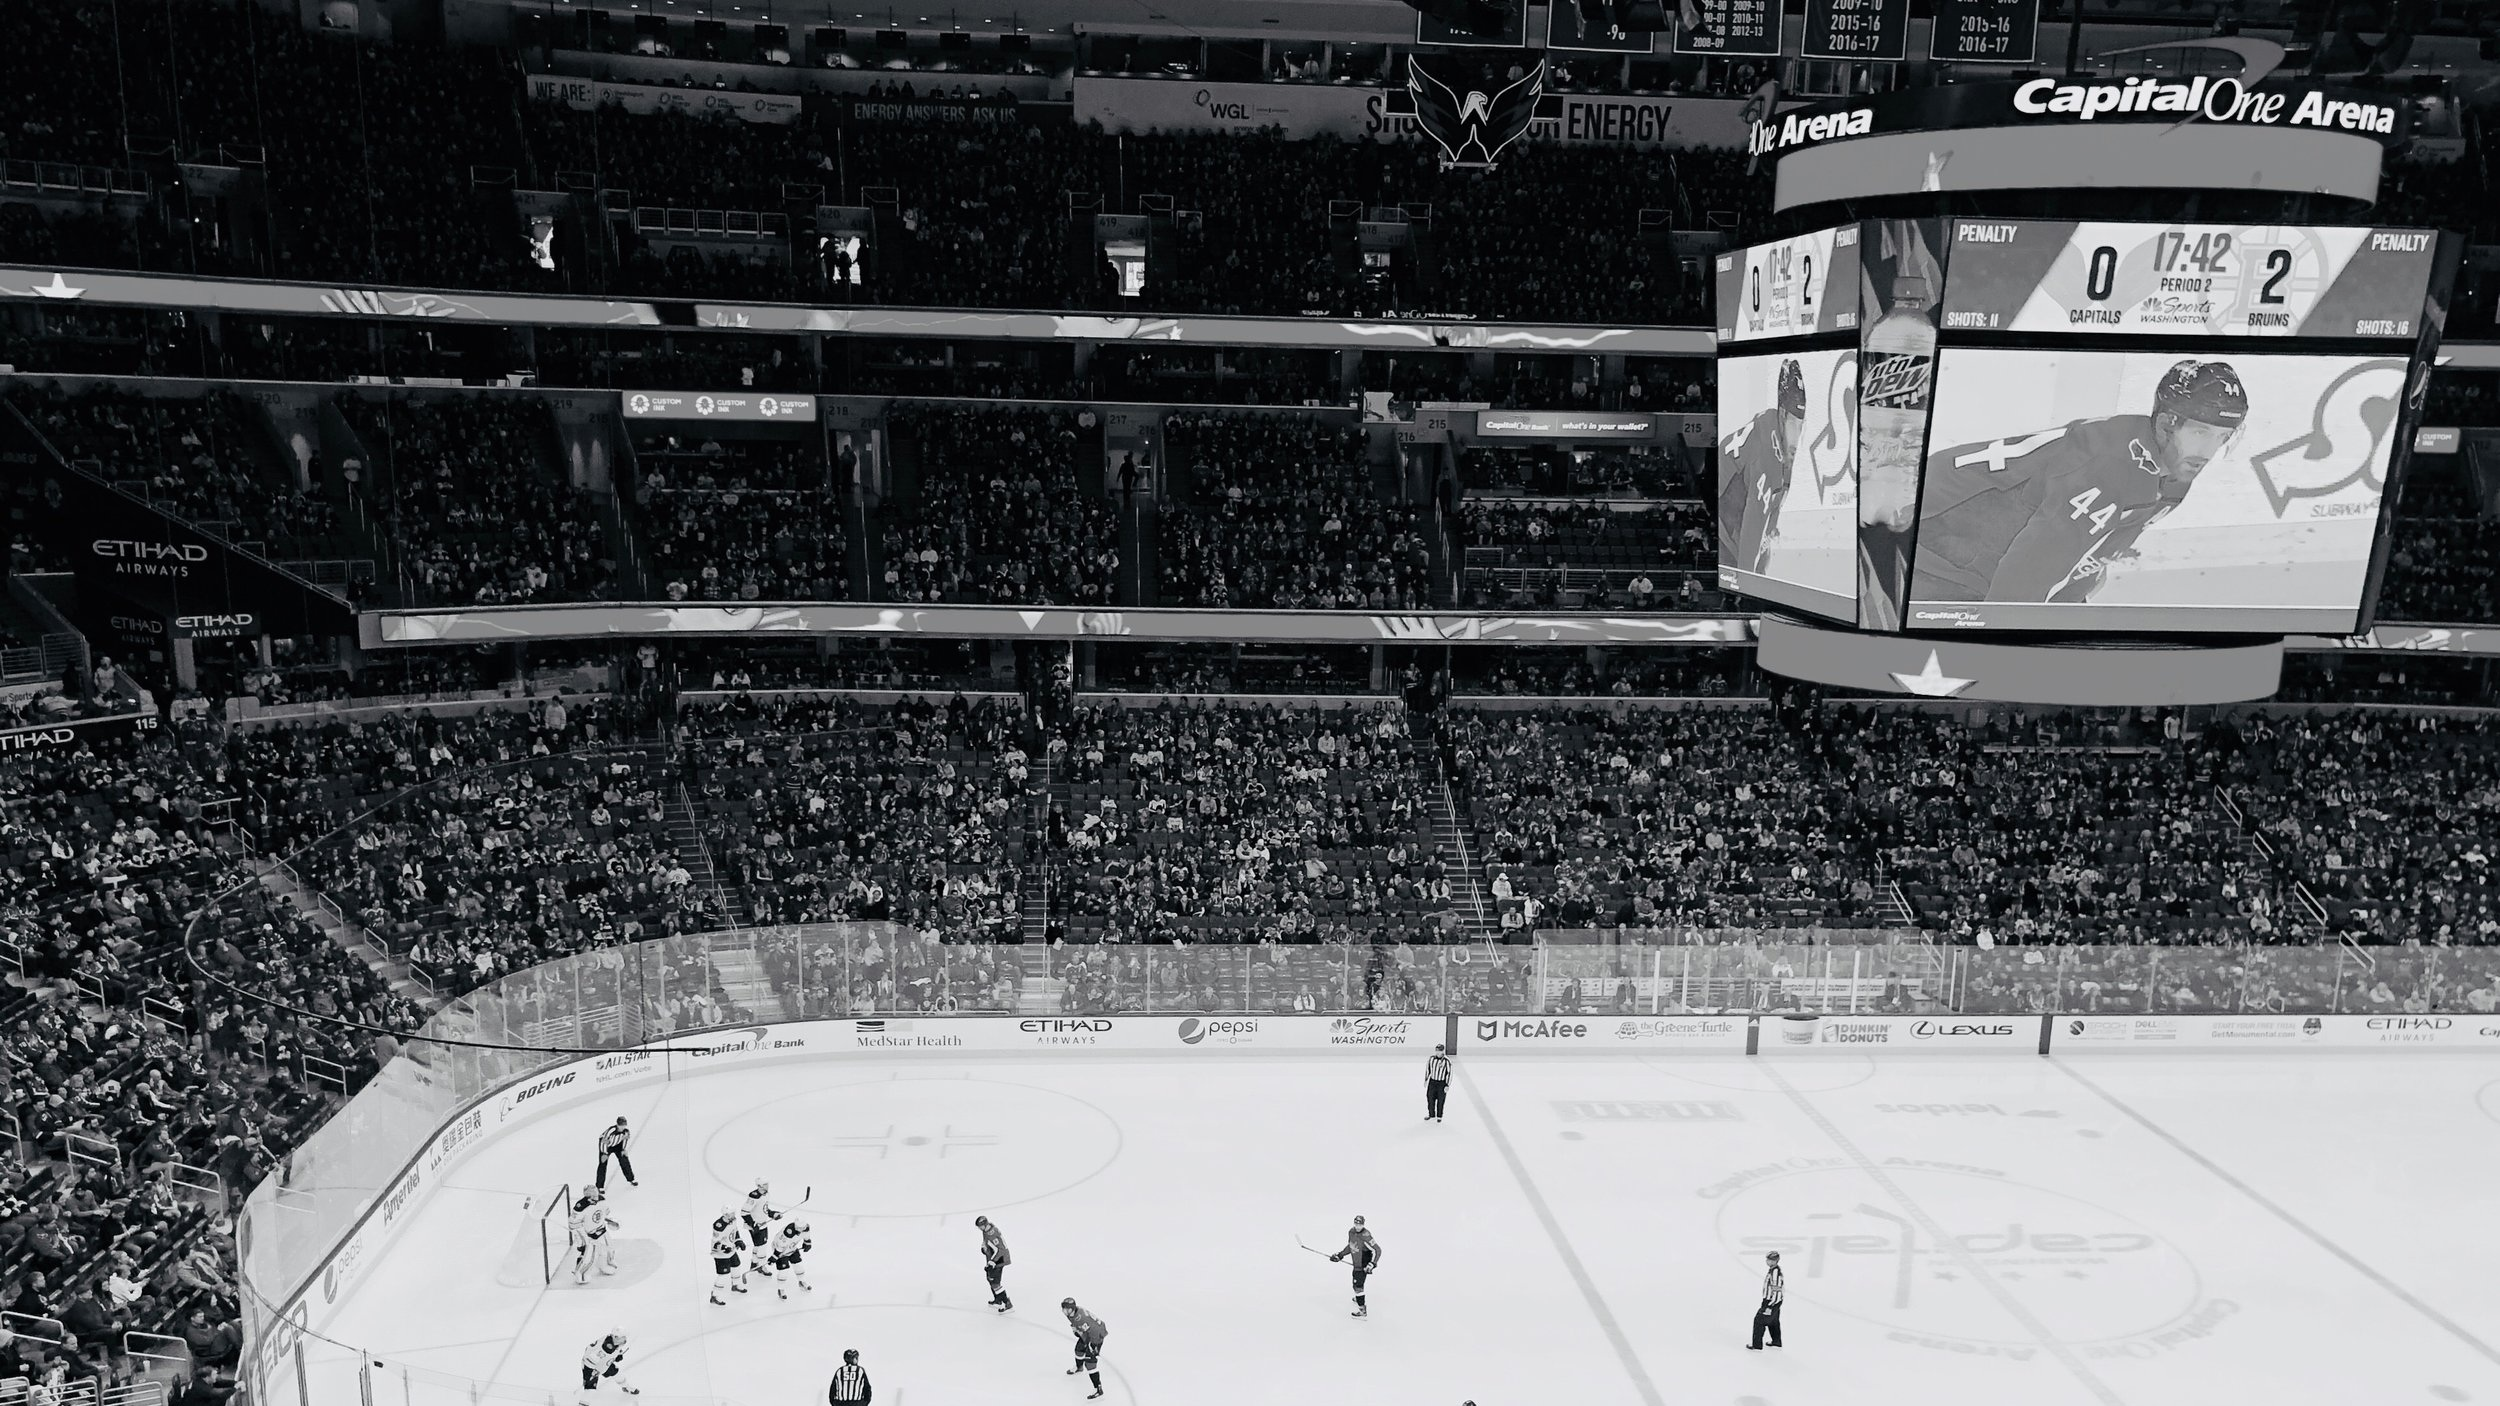 Capital One Arena - Capital One Arena, tidigare Verizon Center, har varit Washington Capitals hemmaarena sedan 1997. Multiarenan som används till bland annat konserter är också hem till NBA-laget Washington Wizards. Maxkapaciteten i arenan är 20 000 åskådare - 18 506 är dock max under NHL-matcher.